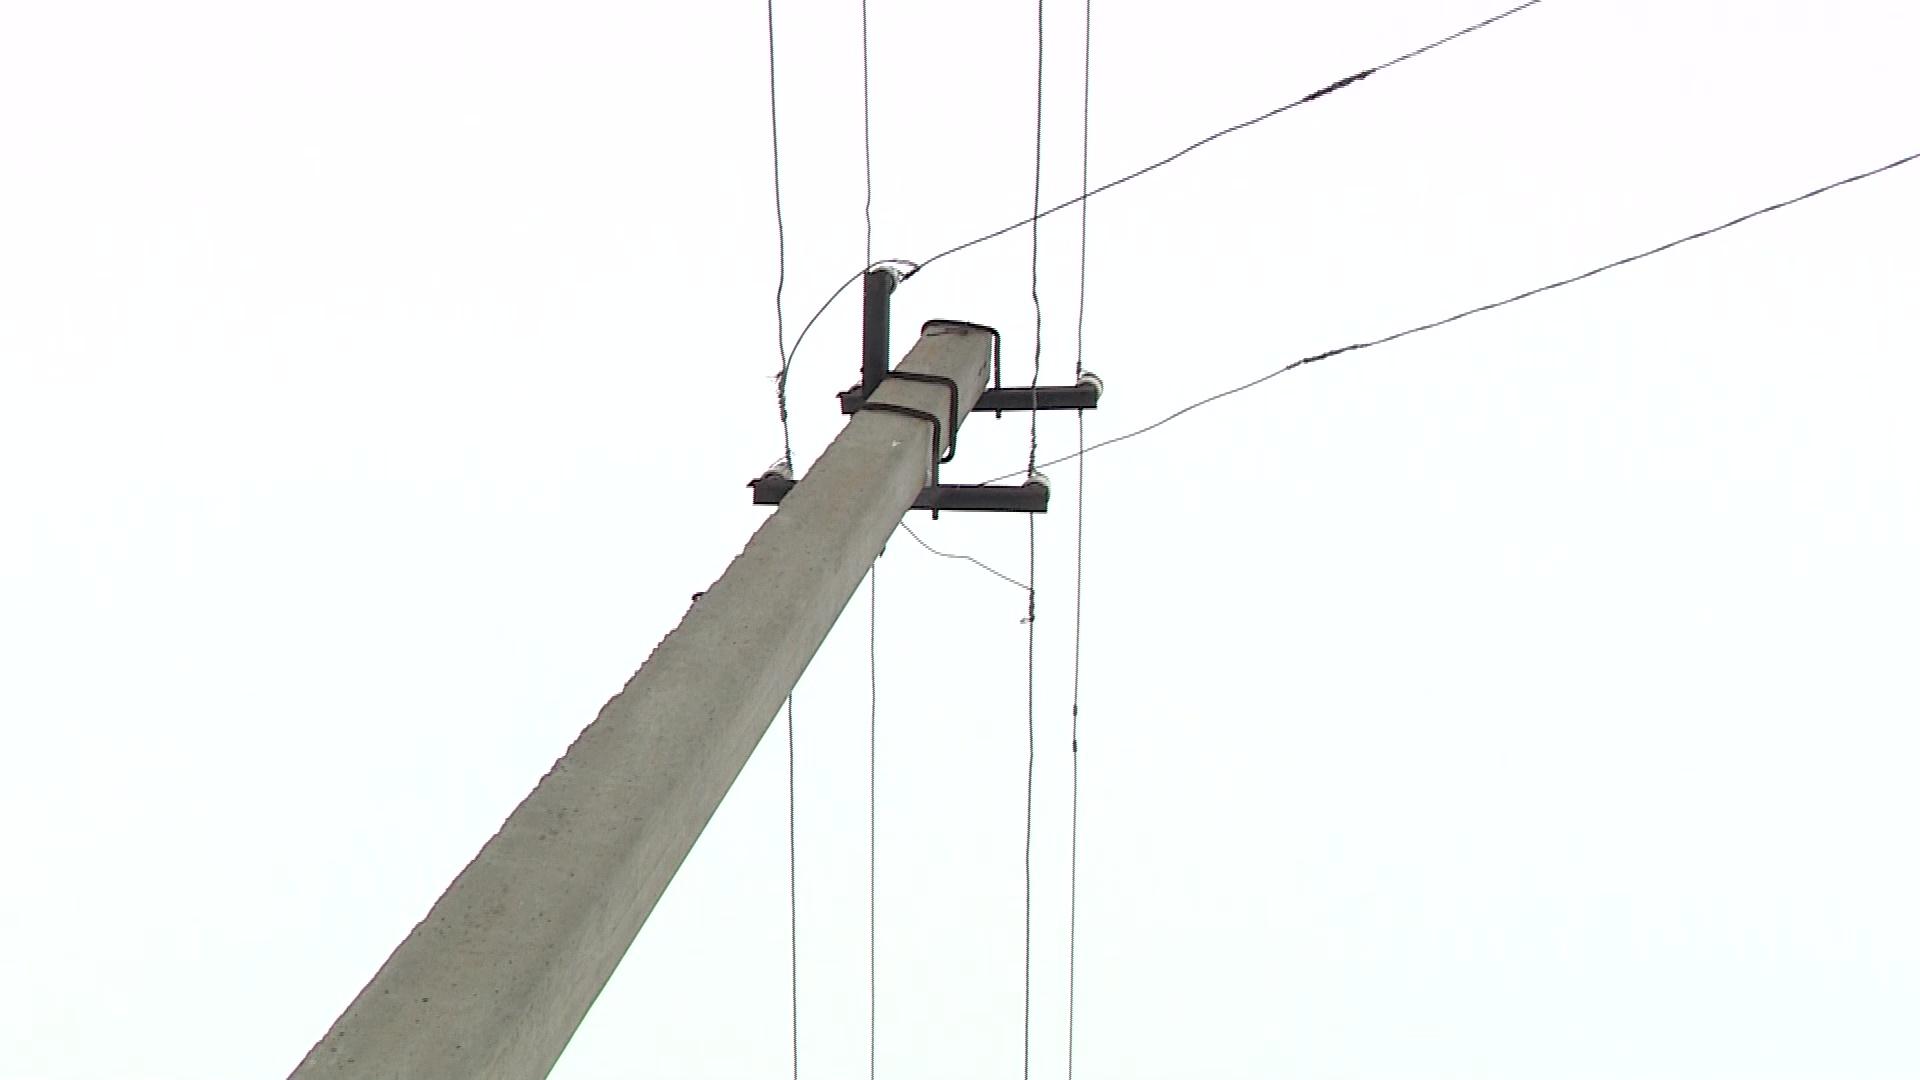 Администрация Переславля объяснила, почему отключили уличное освещение